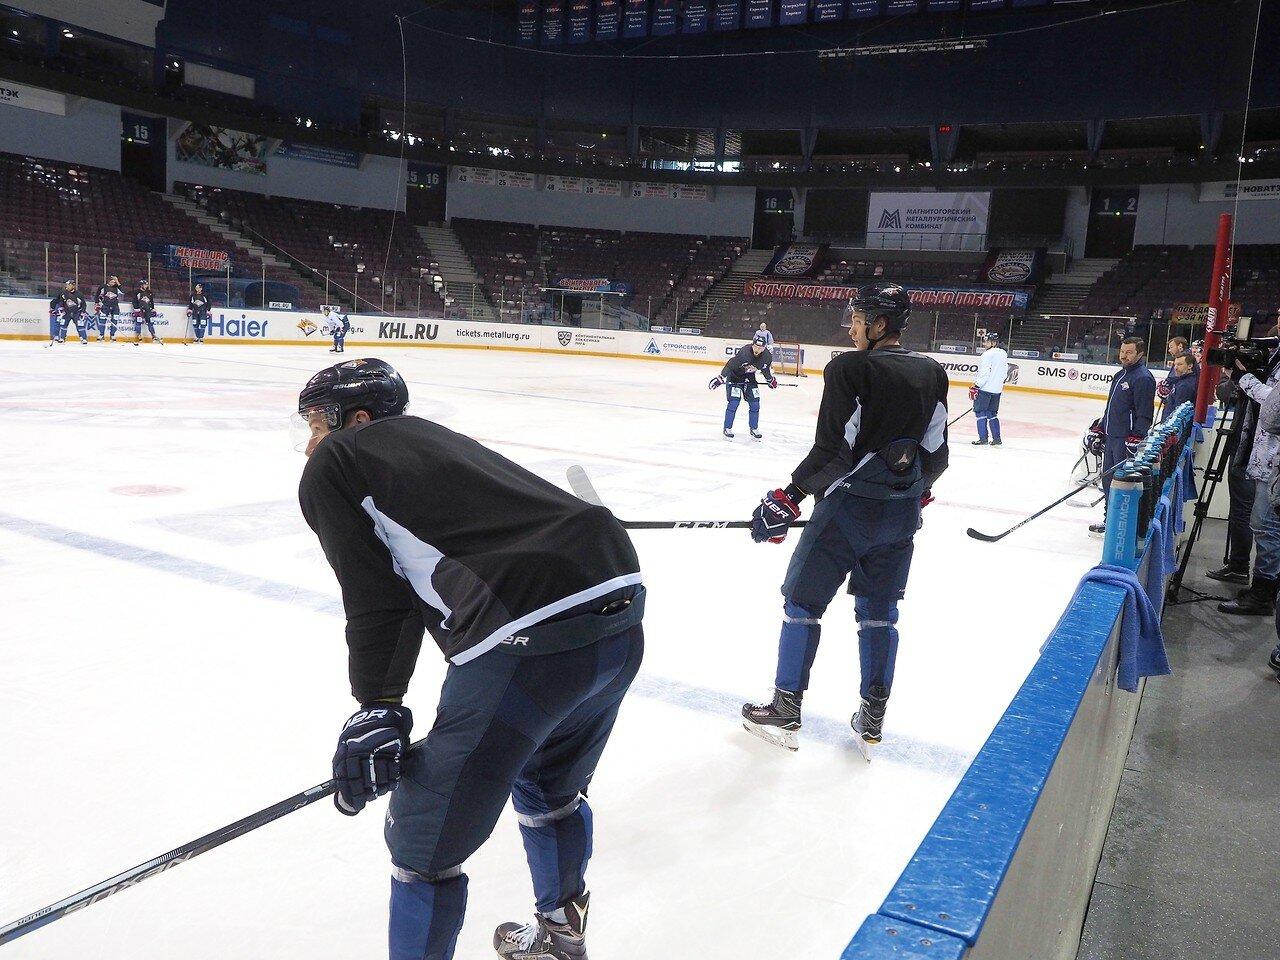 27 Открытая тренировка перед финалом плей-офф восточной конференции КХЛ 2017 22.03.2017